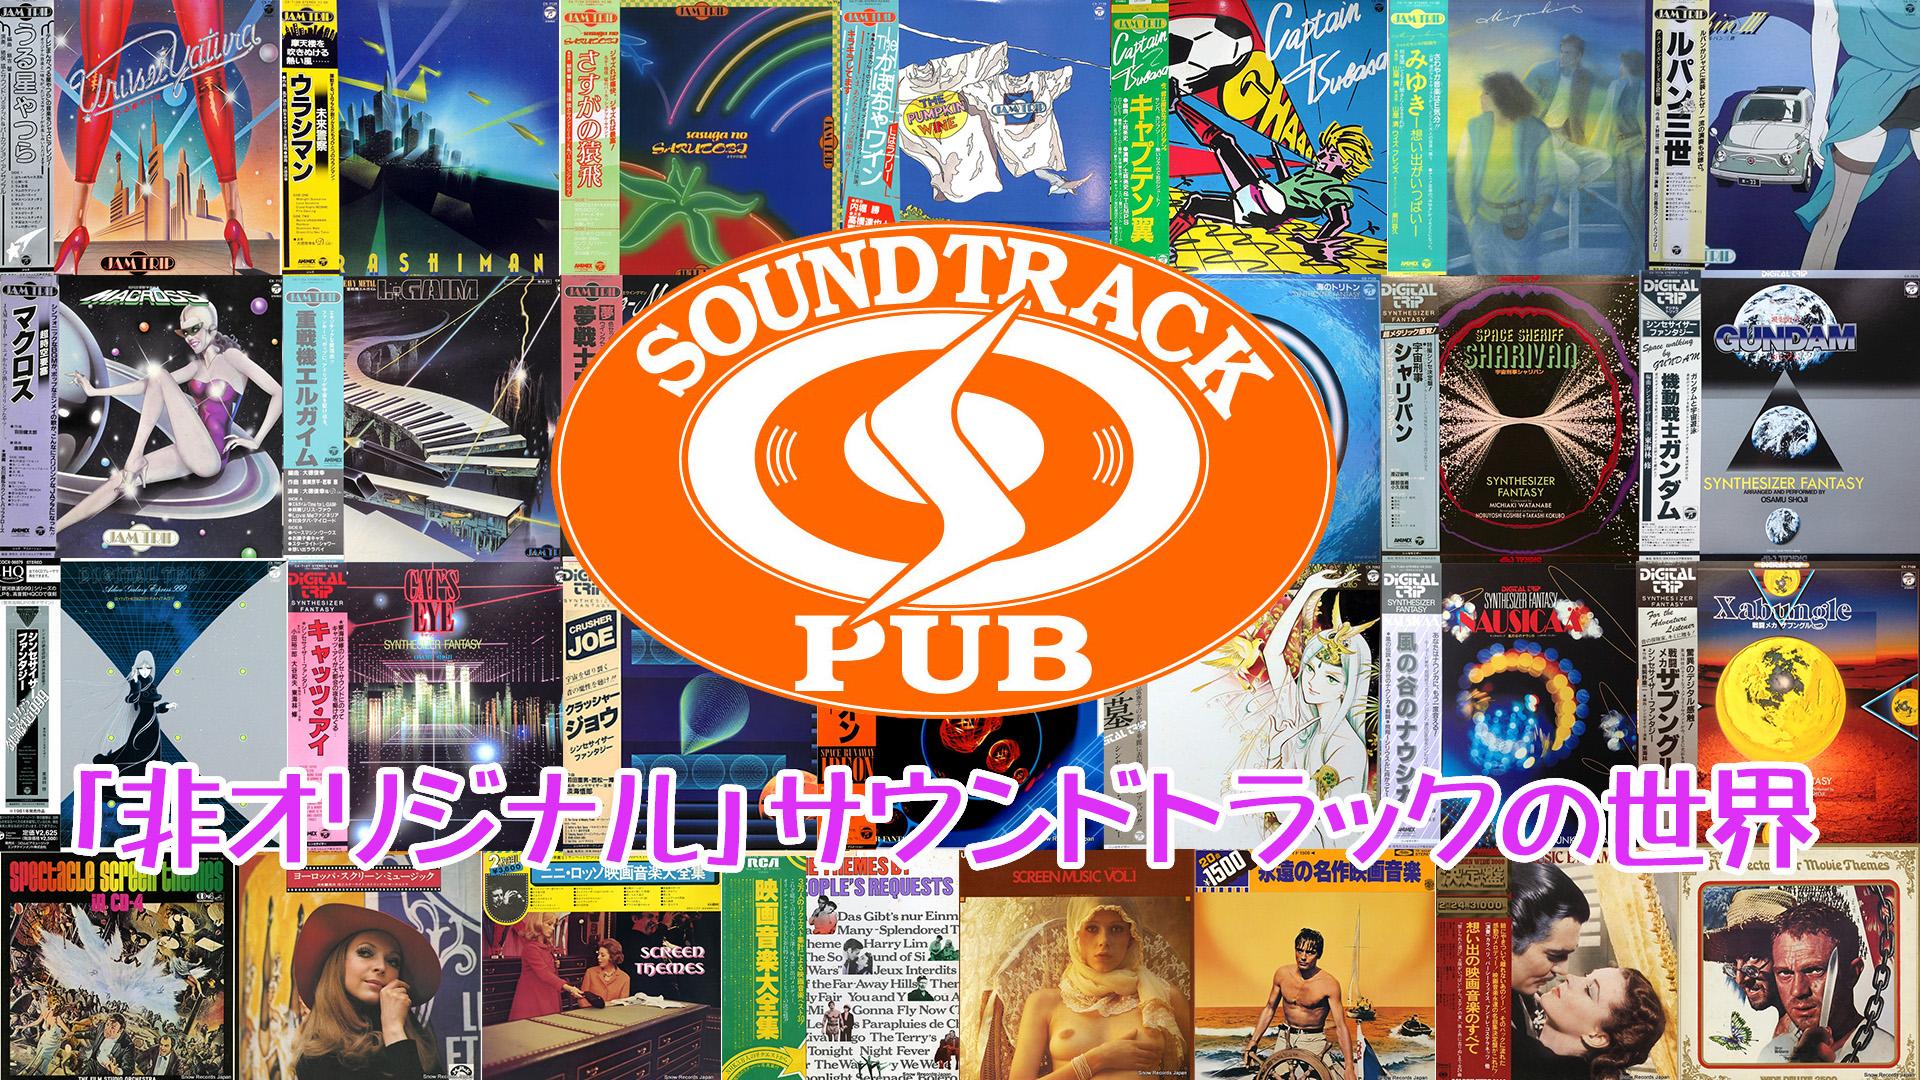 Soundtrack Pub #39 image